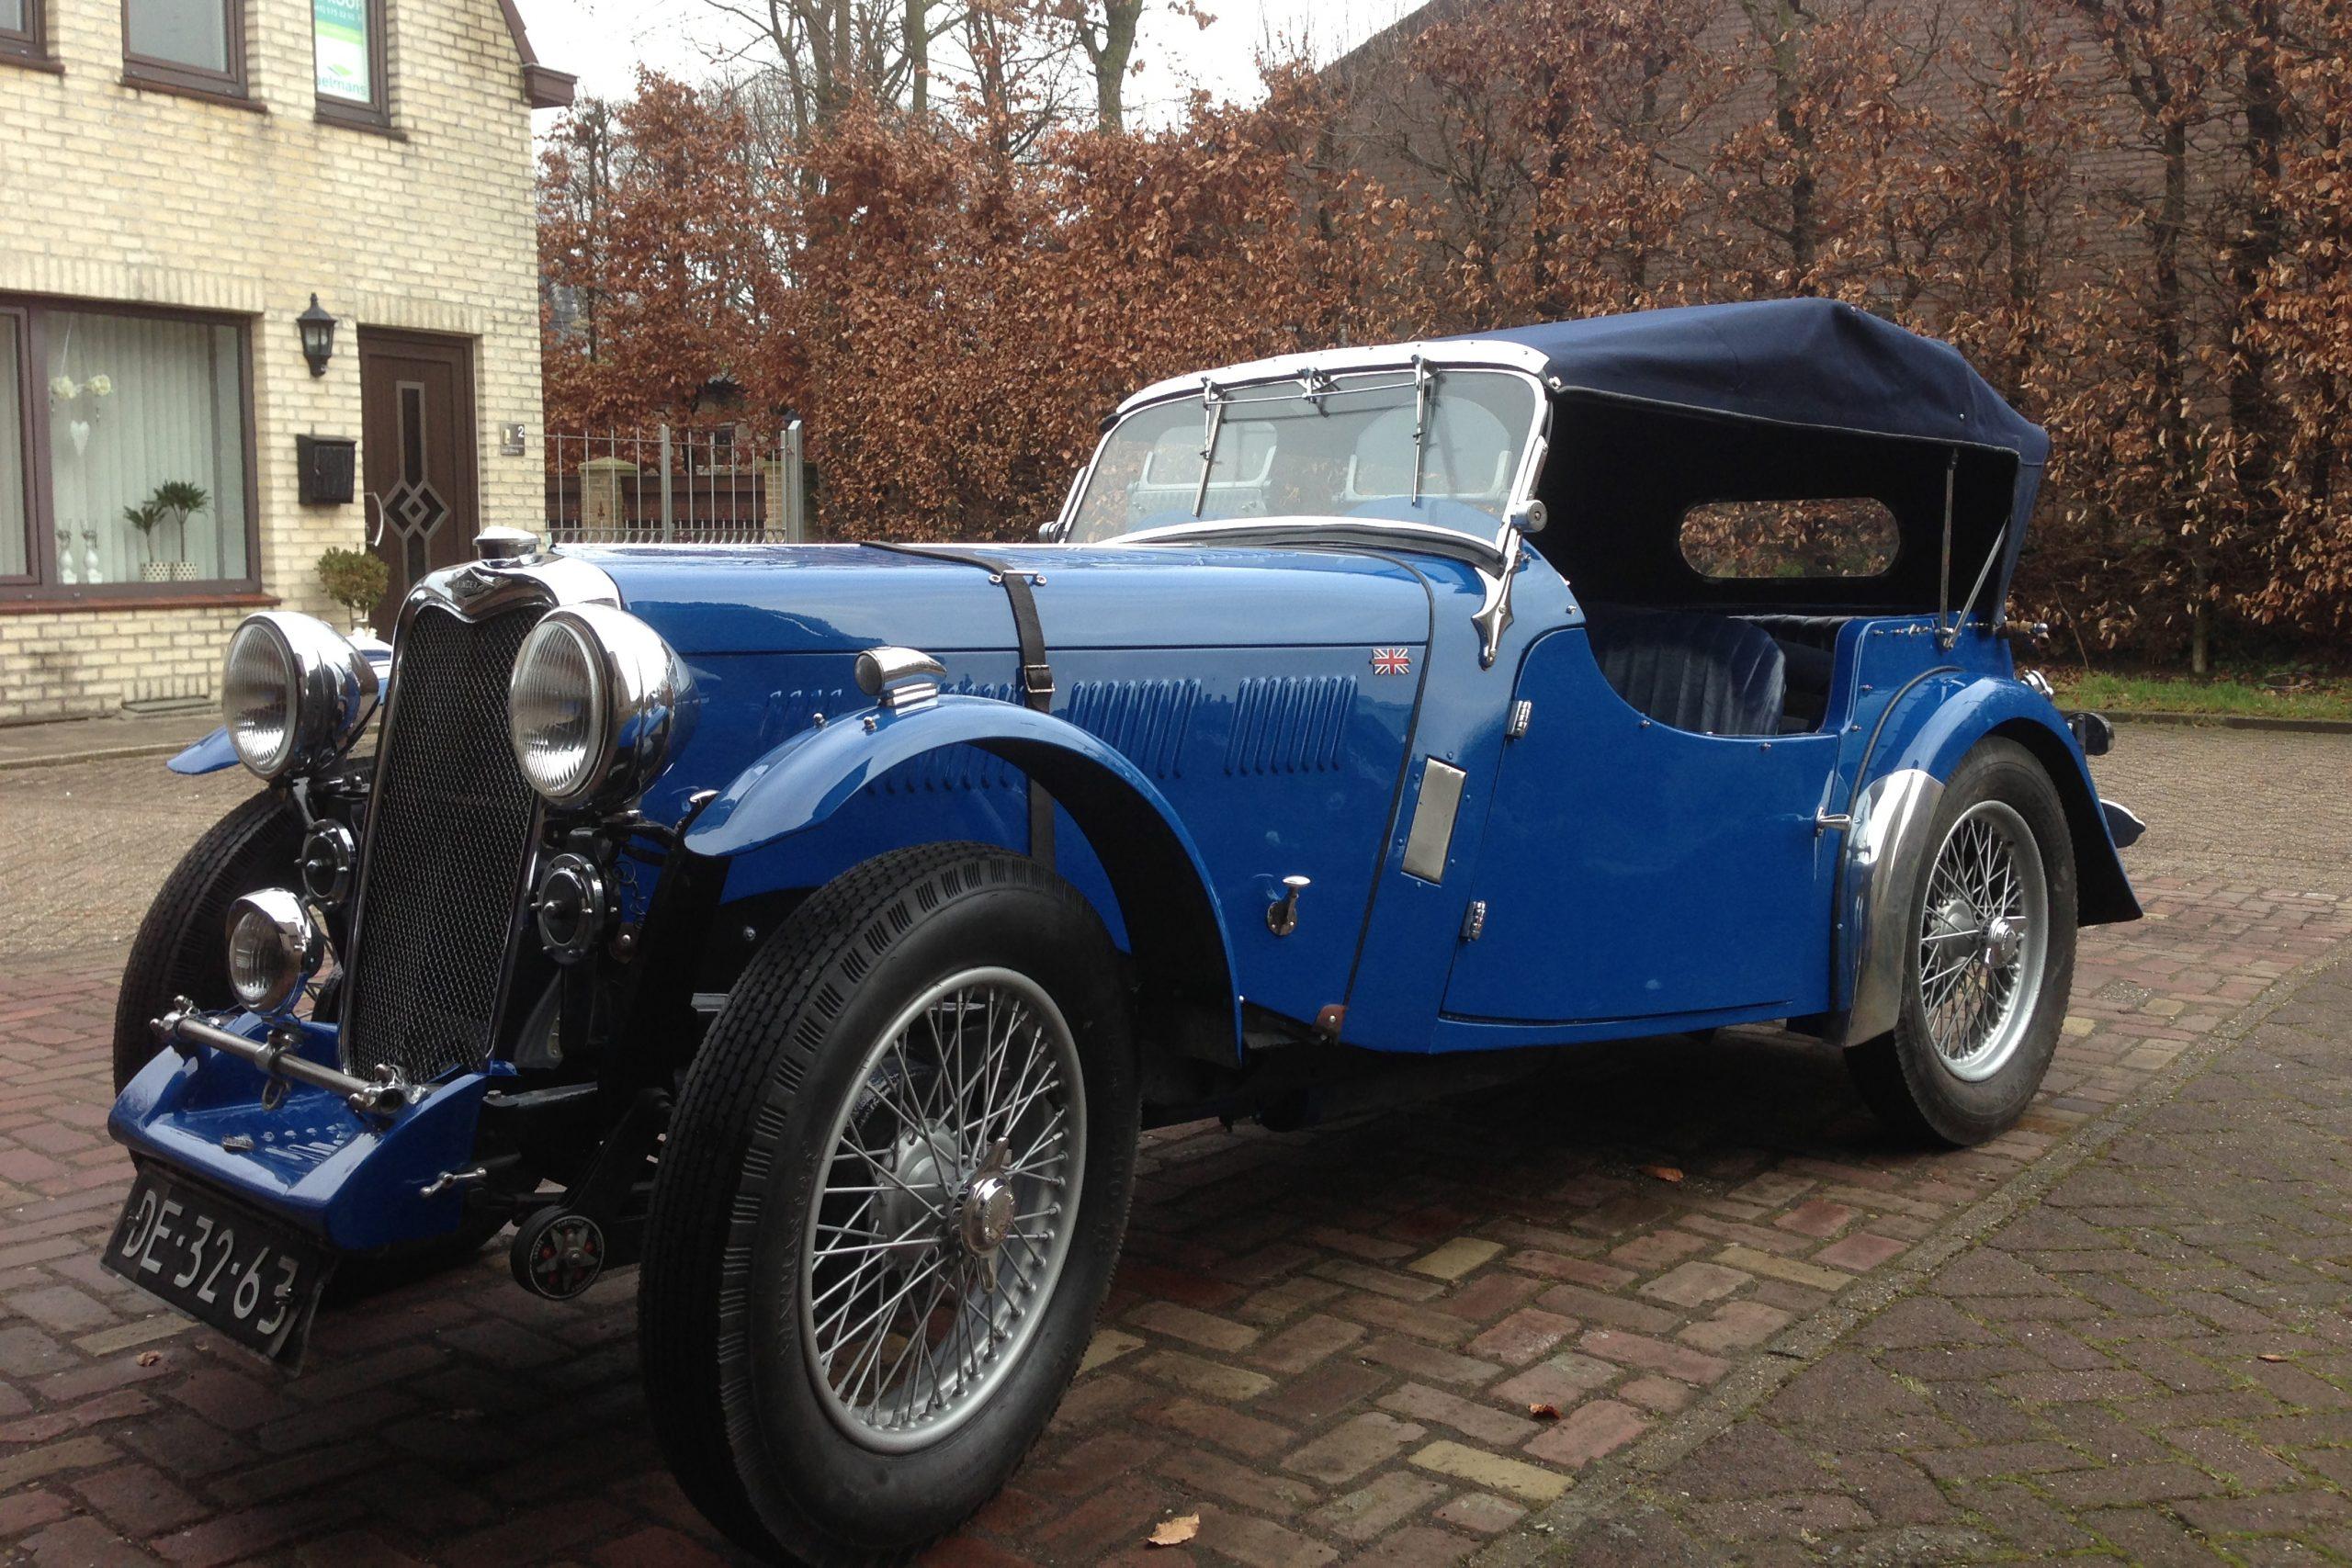 Singer LeMans, 998 cc, 1936